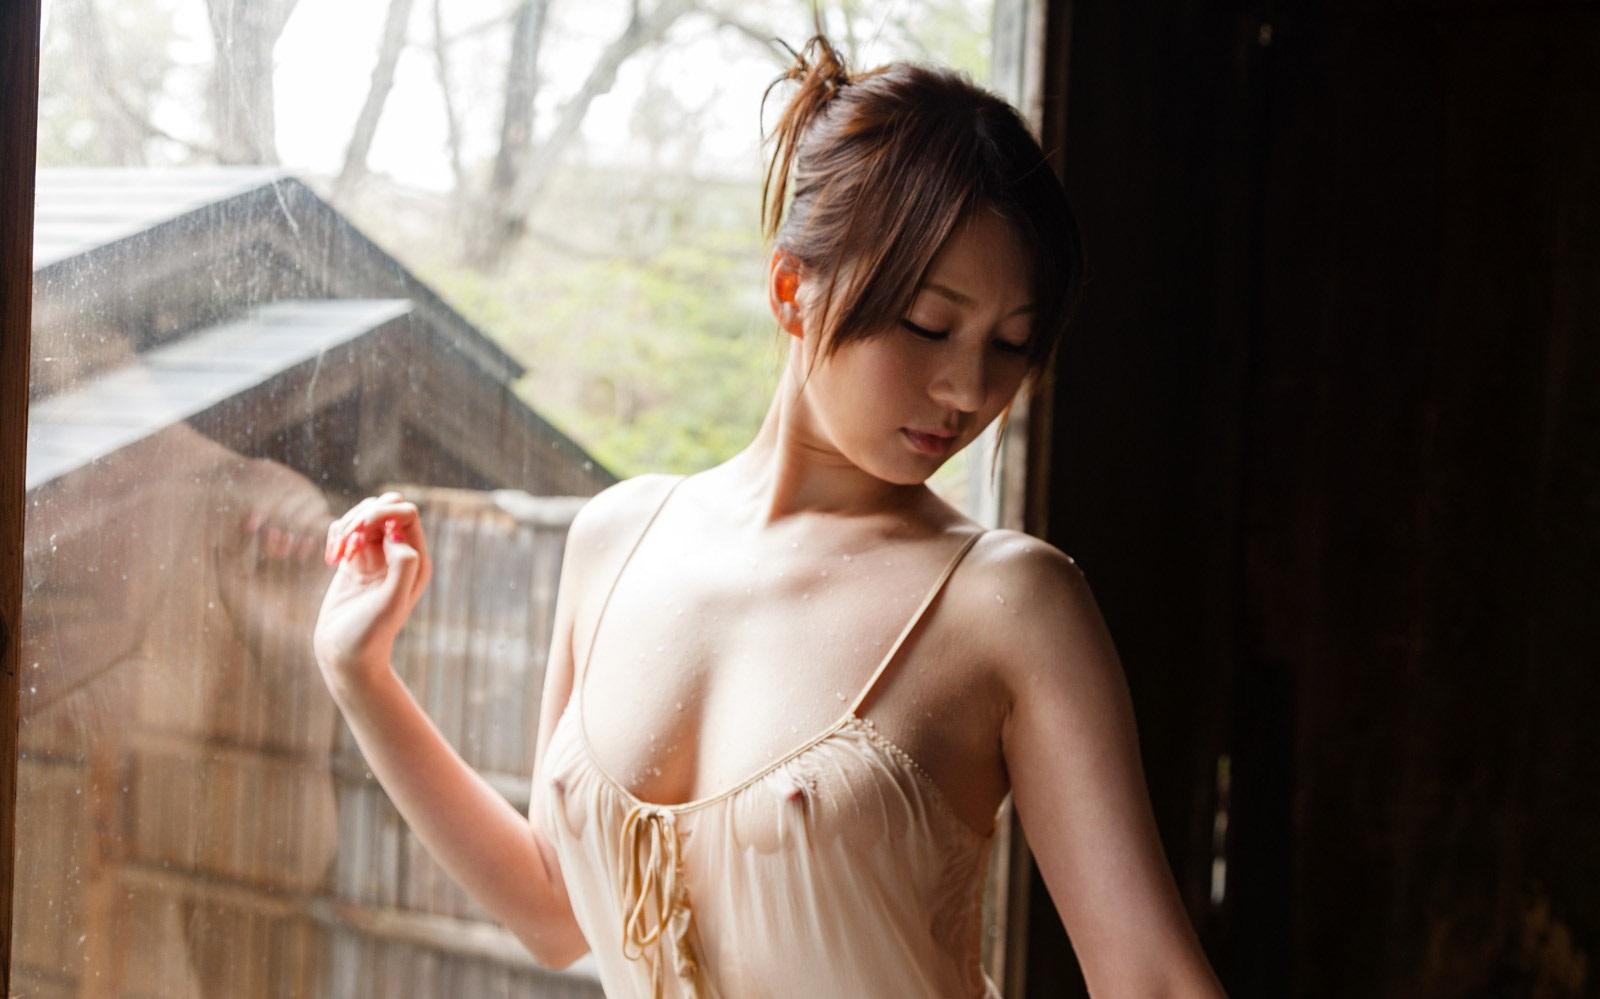 キャミソール 美女 乳首 透ける チクポチ エロ画像【9】